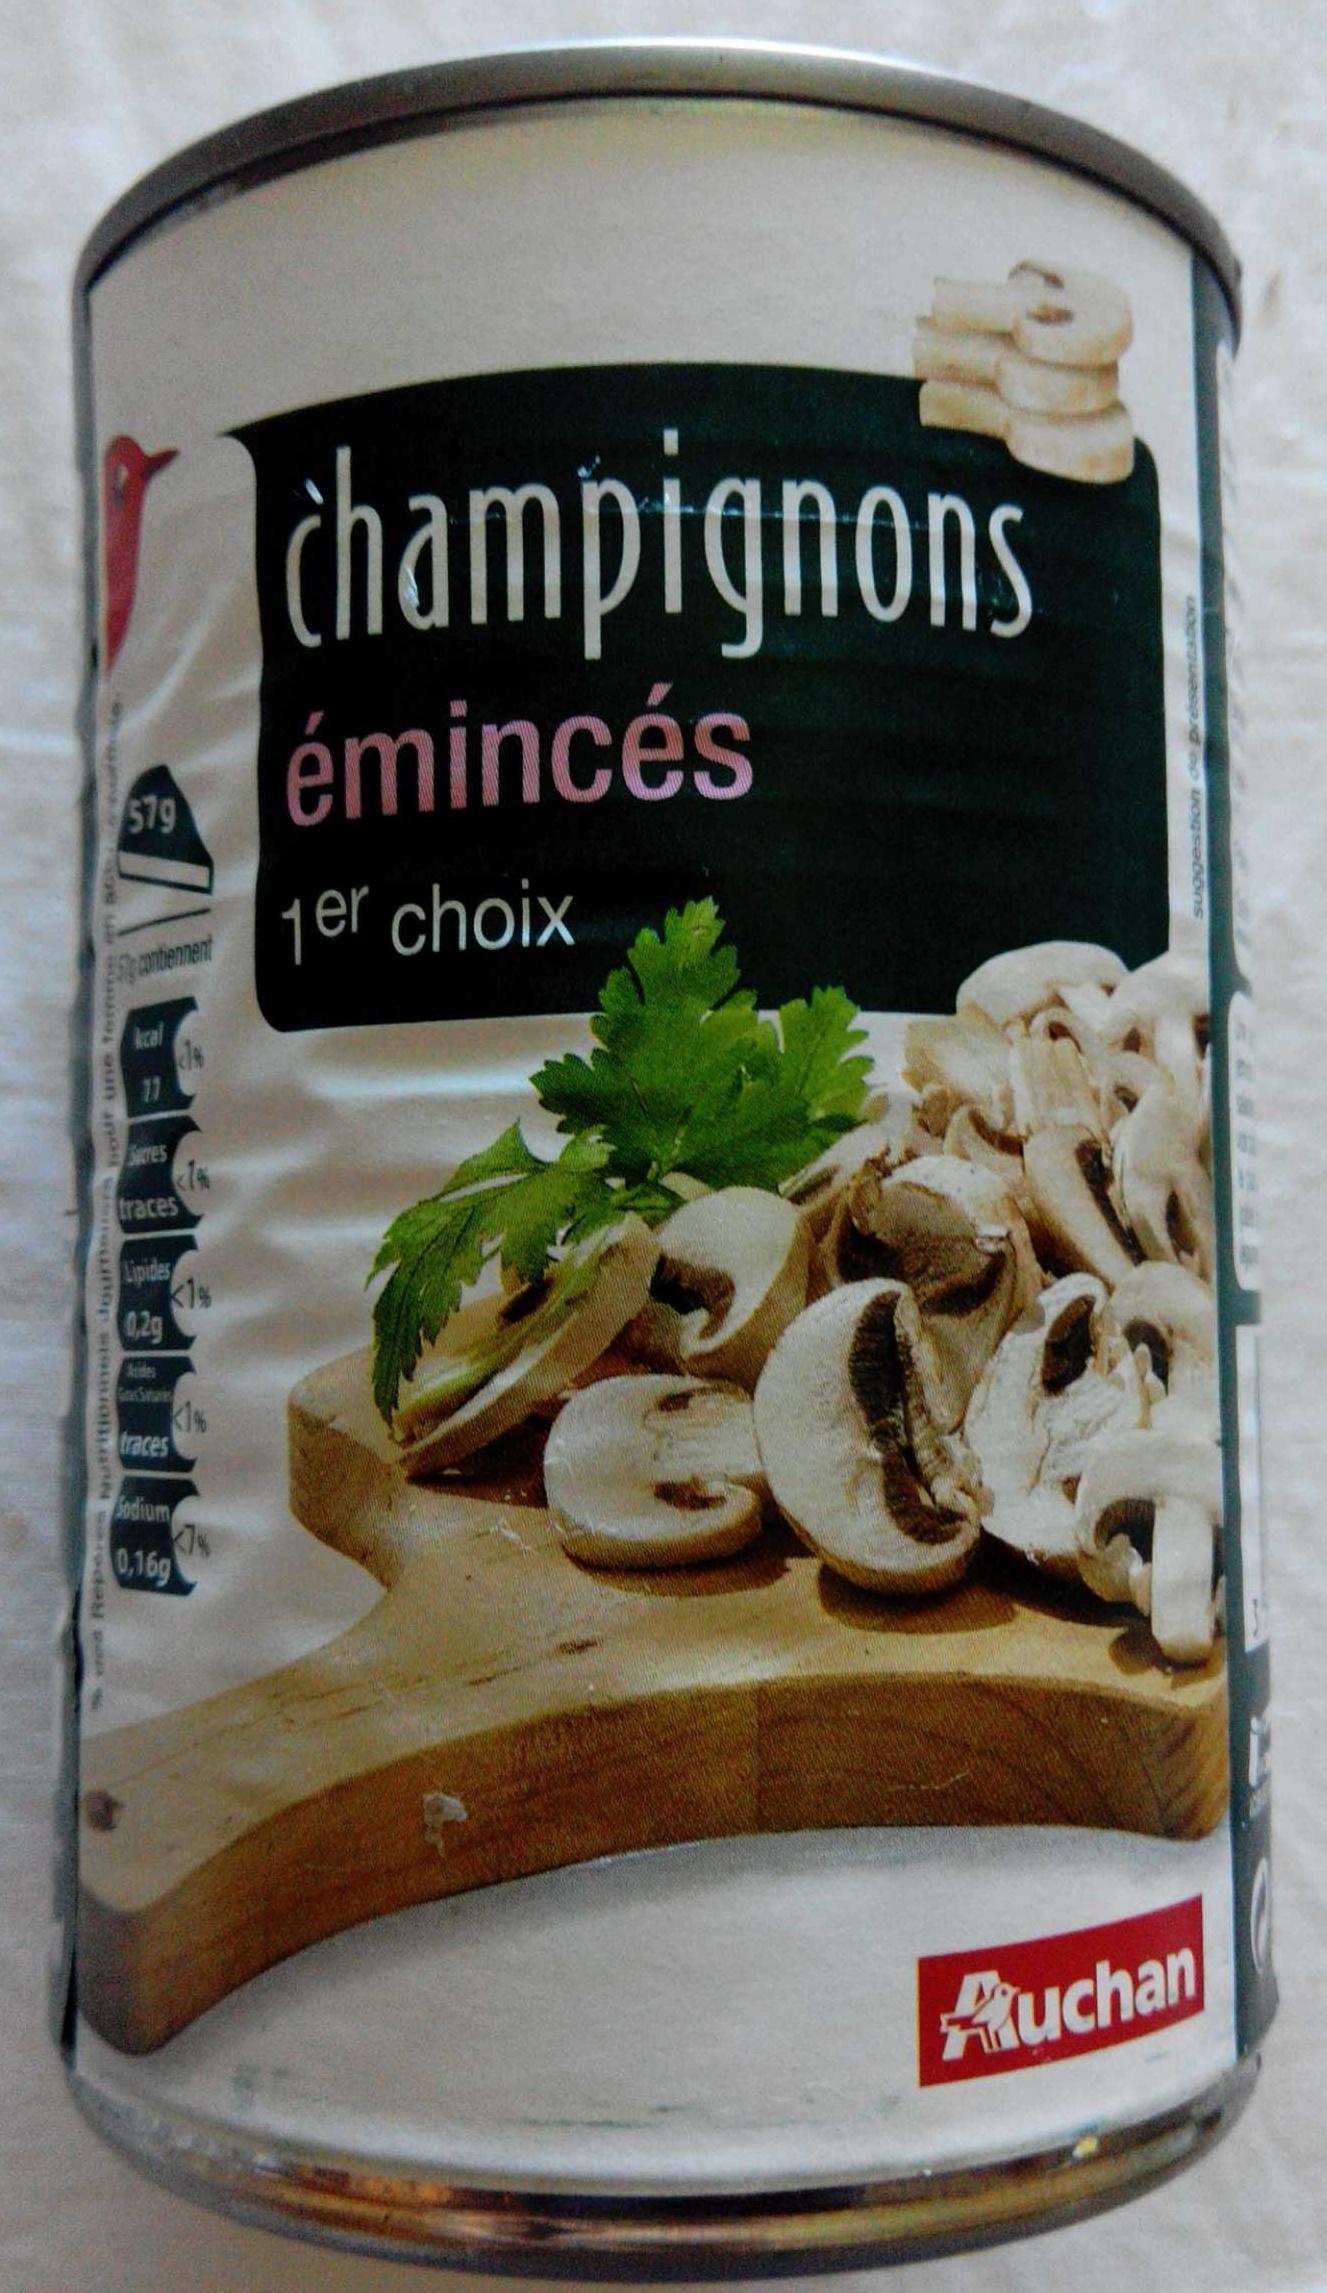 Champignons émincés 1er choix - Product